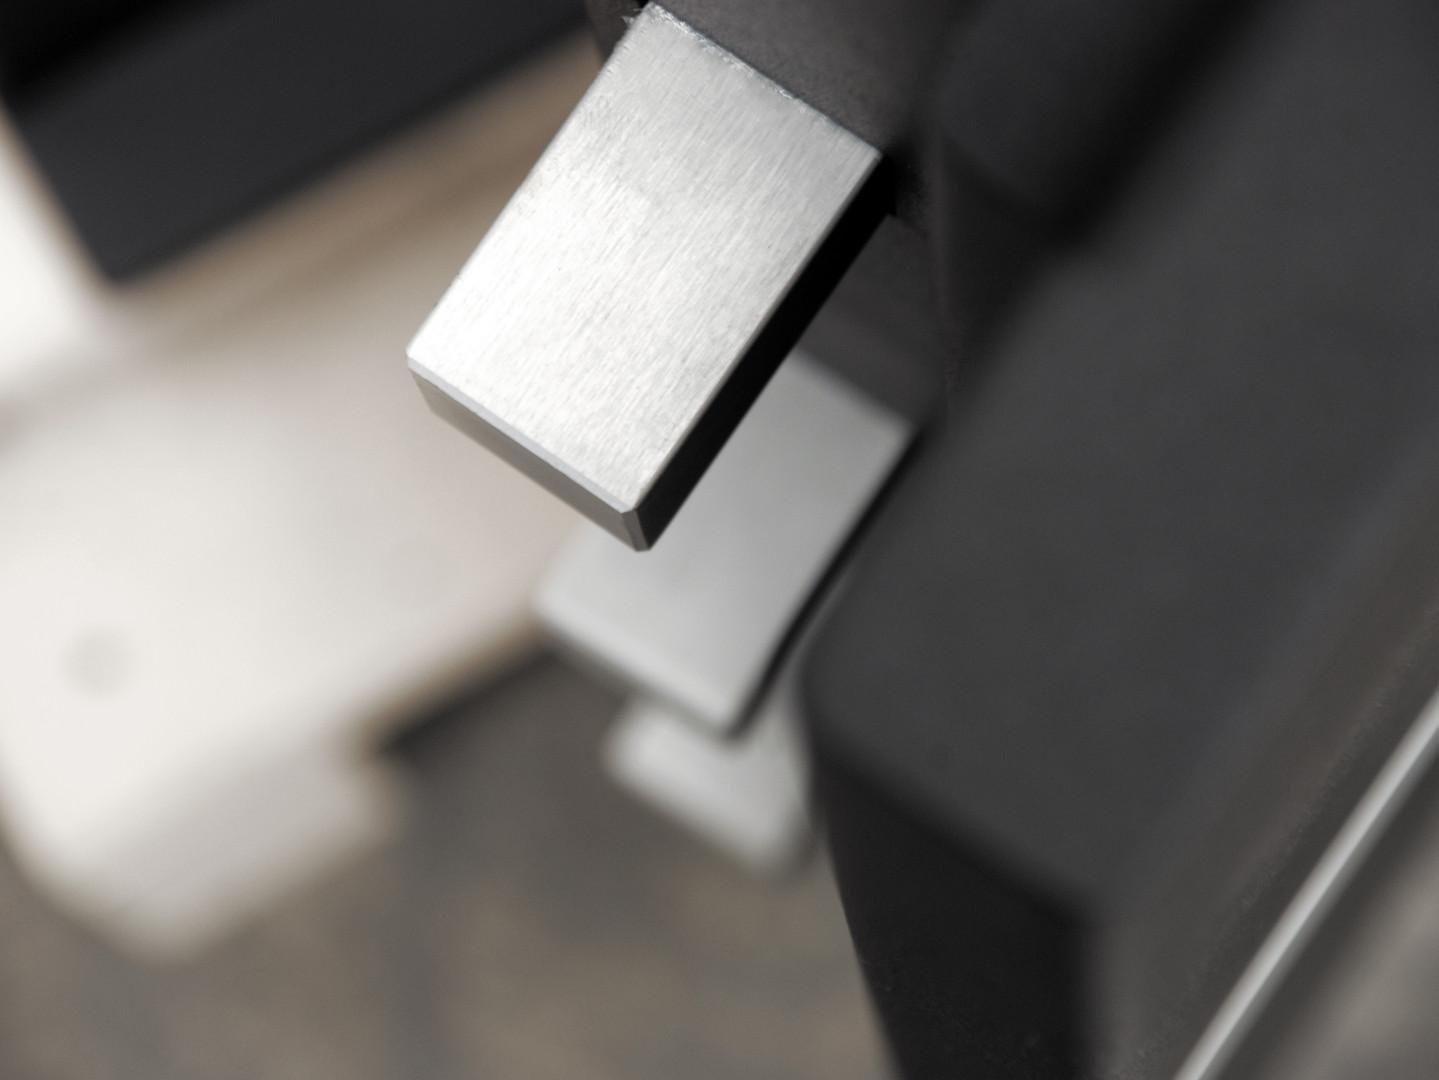 Brixia-Uno-Nera-alto centro chiavi perinelli peschiera del garda